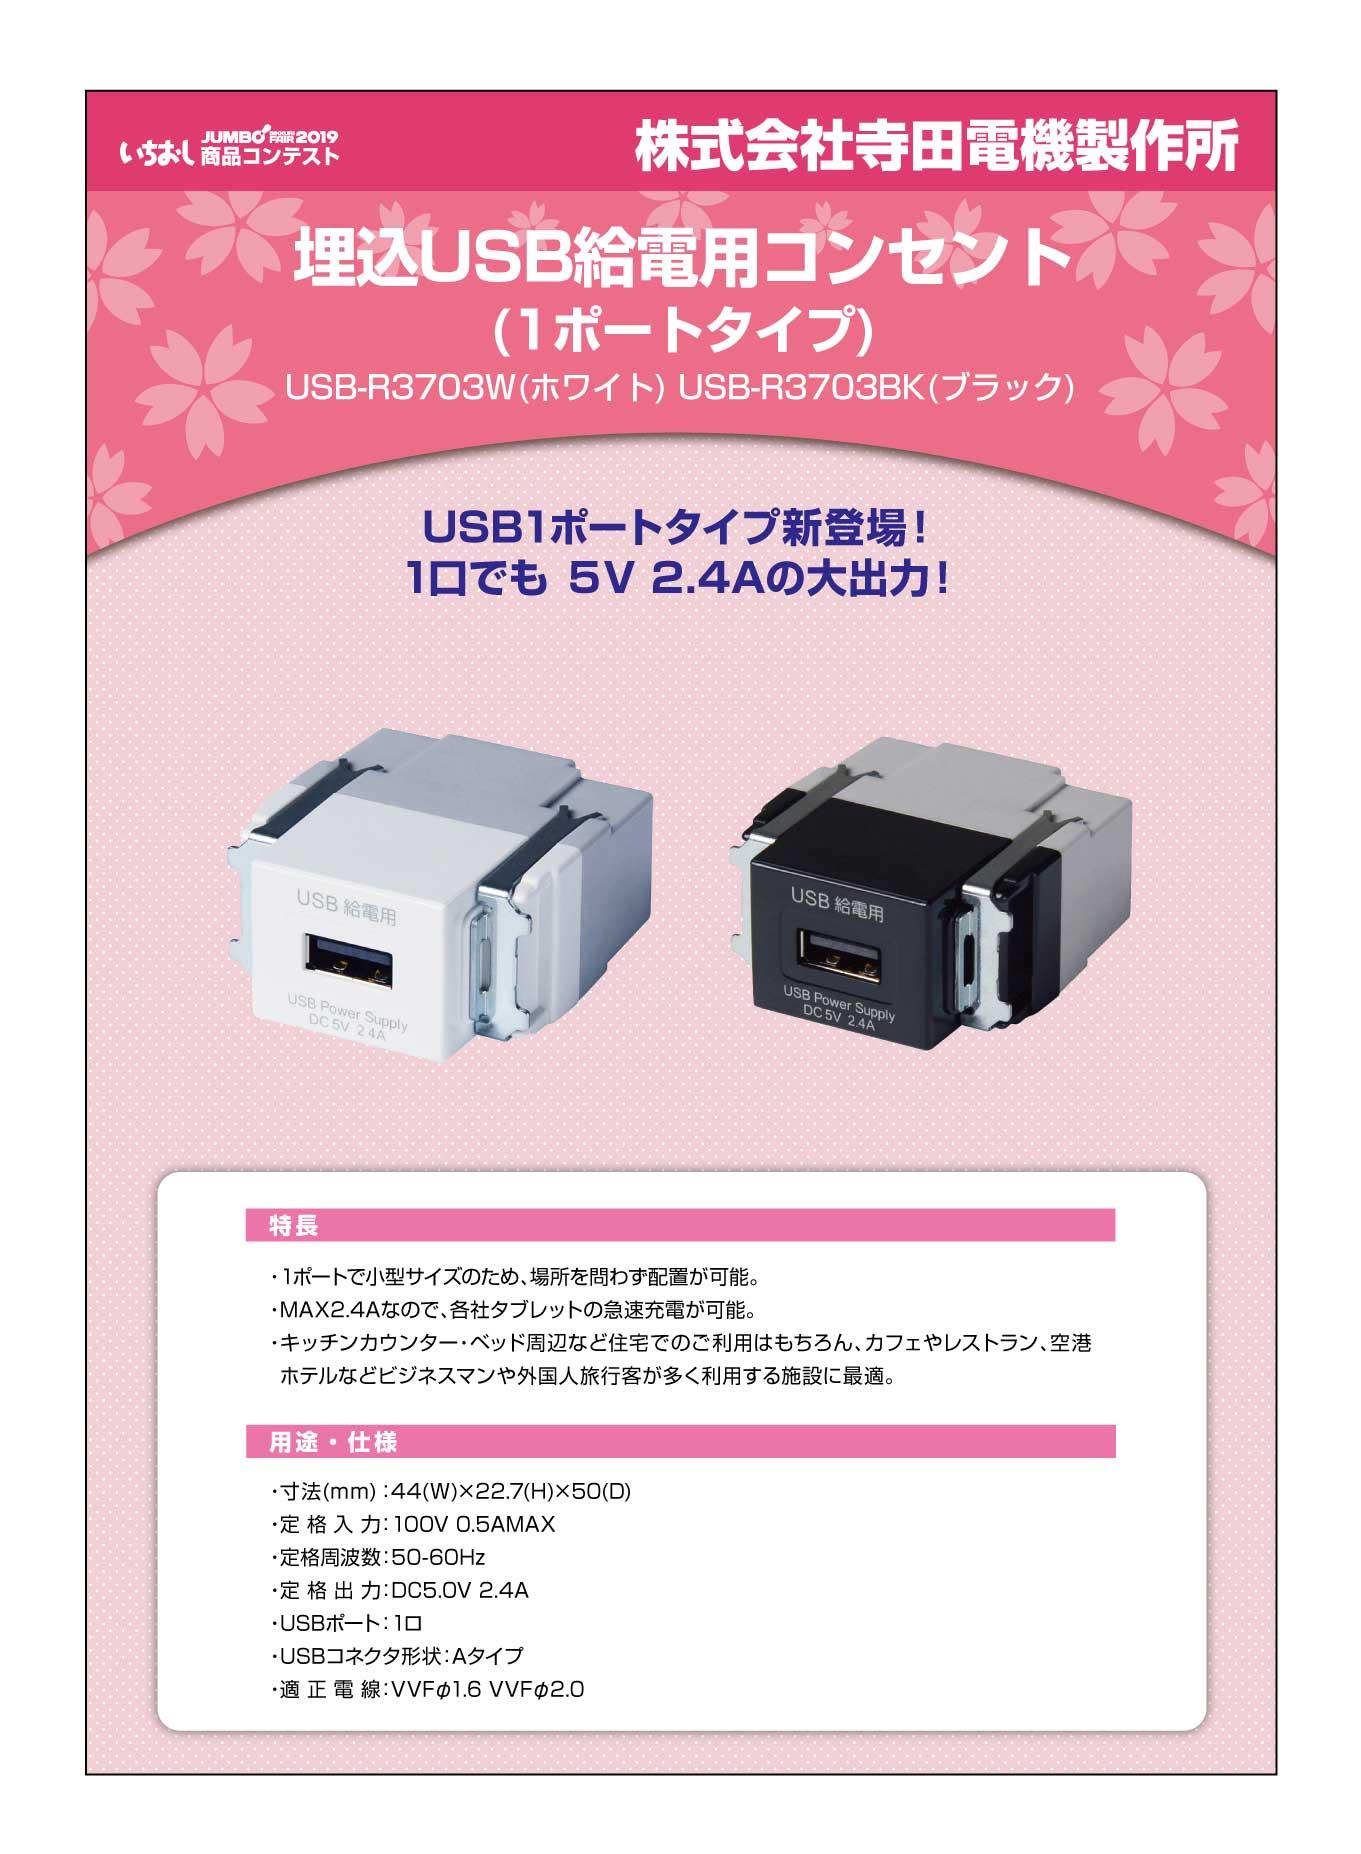 「埋込USB給電用コンセント(1ポートタイプ)」株式会社寺田電機製作所の画像